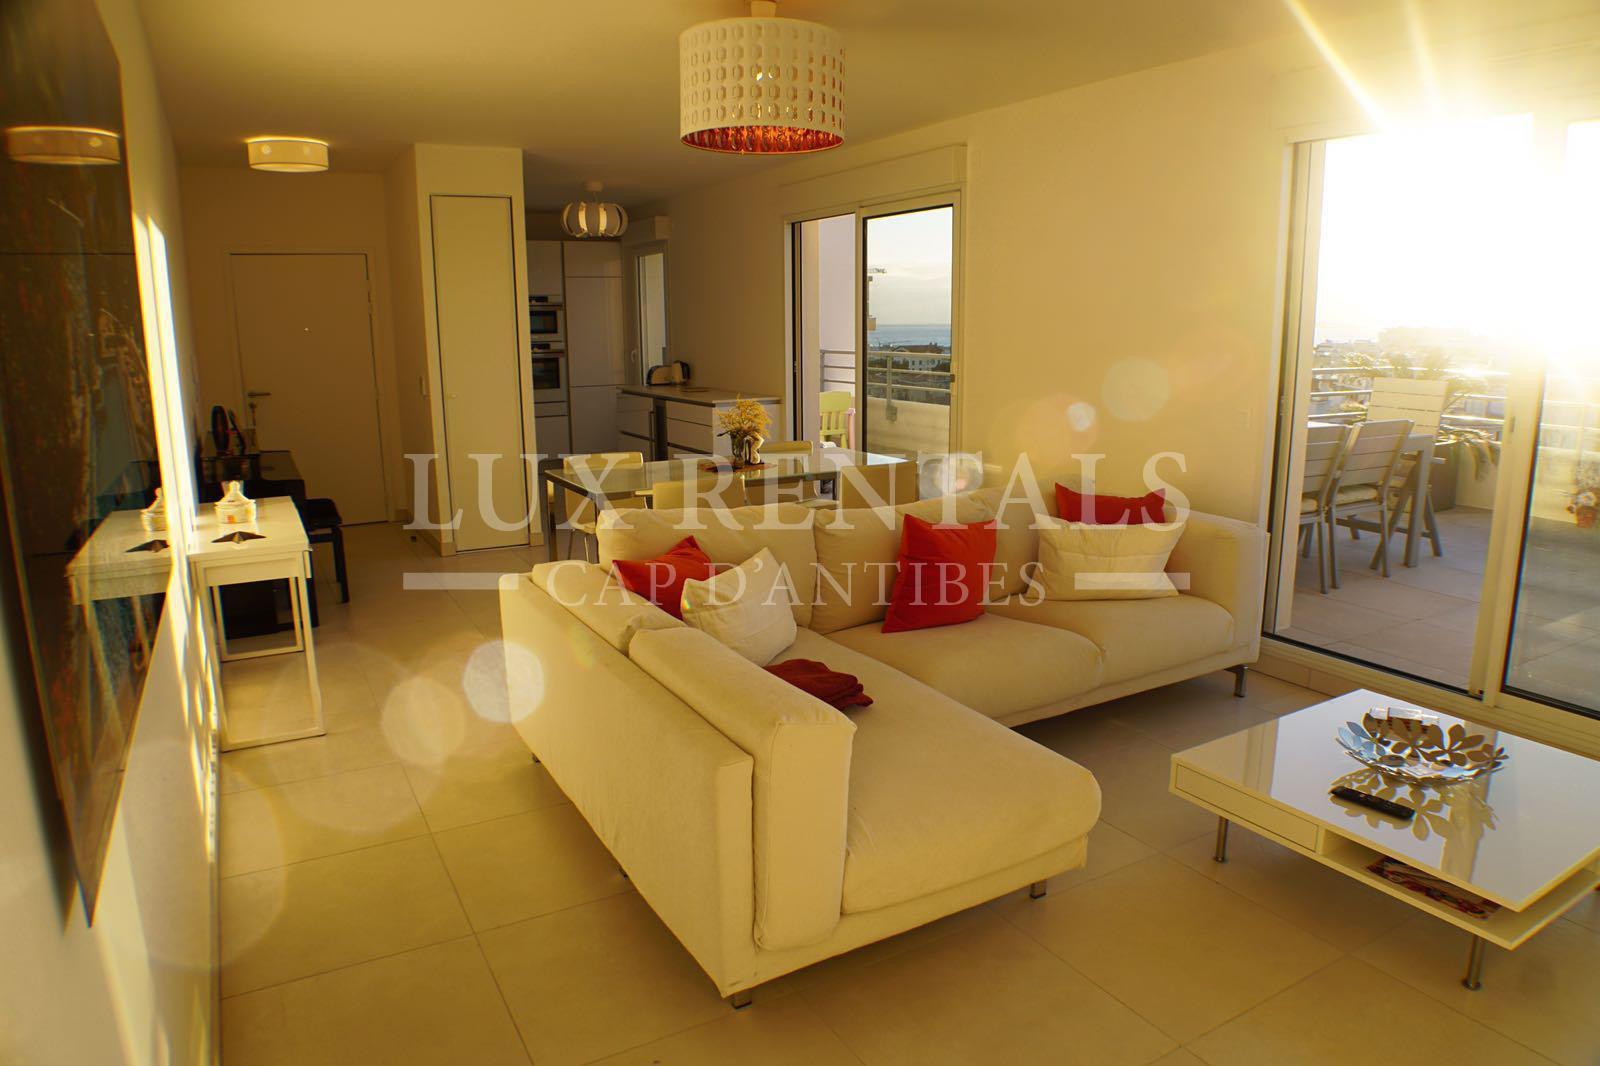 Сезонная аренда Апартаменты - Жюан-ле-Пен (Juan-les-Pins) Cap-d'Antibes